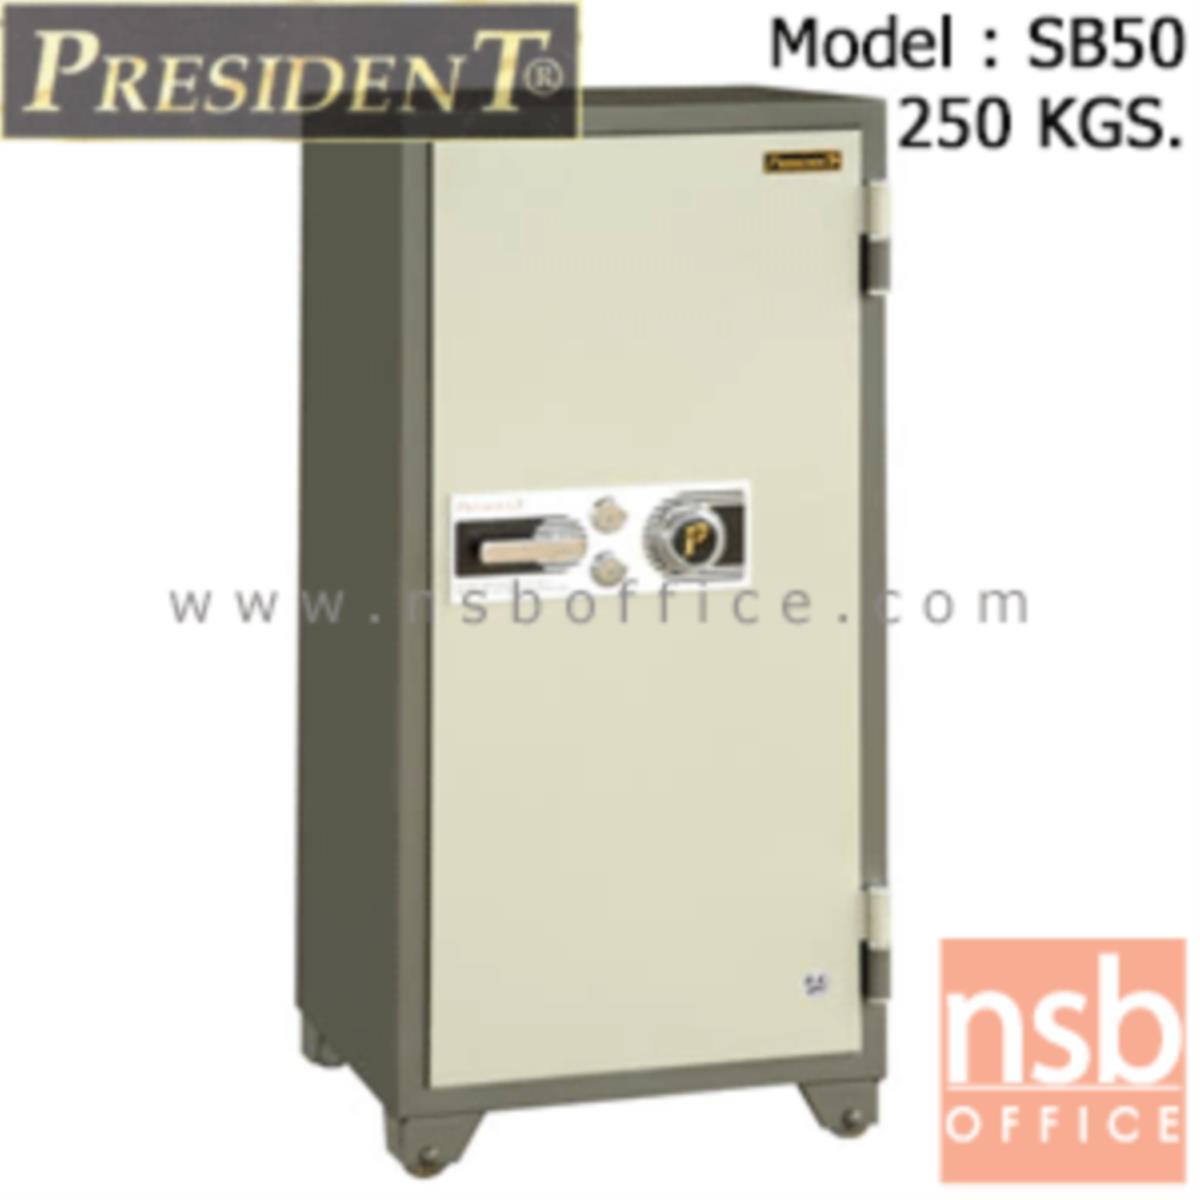 F05A037:ตู้เซฟนิรภัยชนิดหมุน 250 กก.   รุ่น PRESIDENT-SB50 มี 2 กุญแจ 1 รหัส (รหัสใช้หมุนหน้าตู้)